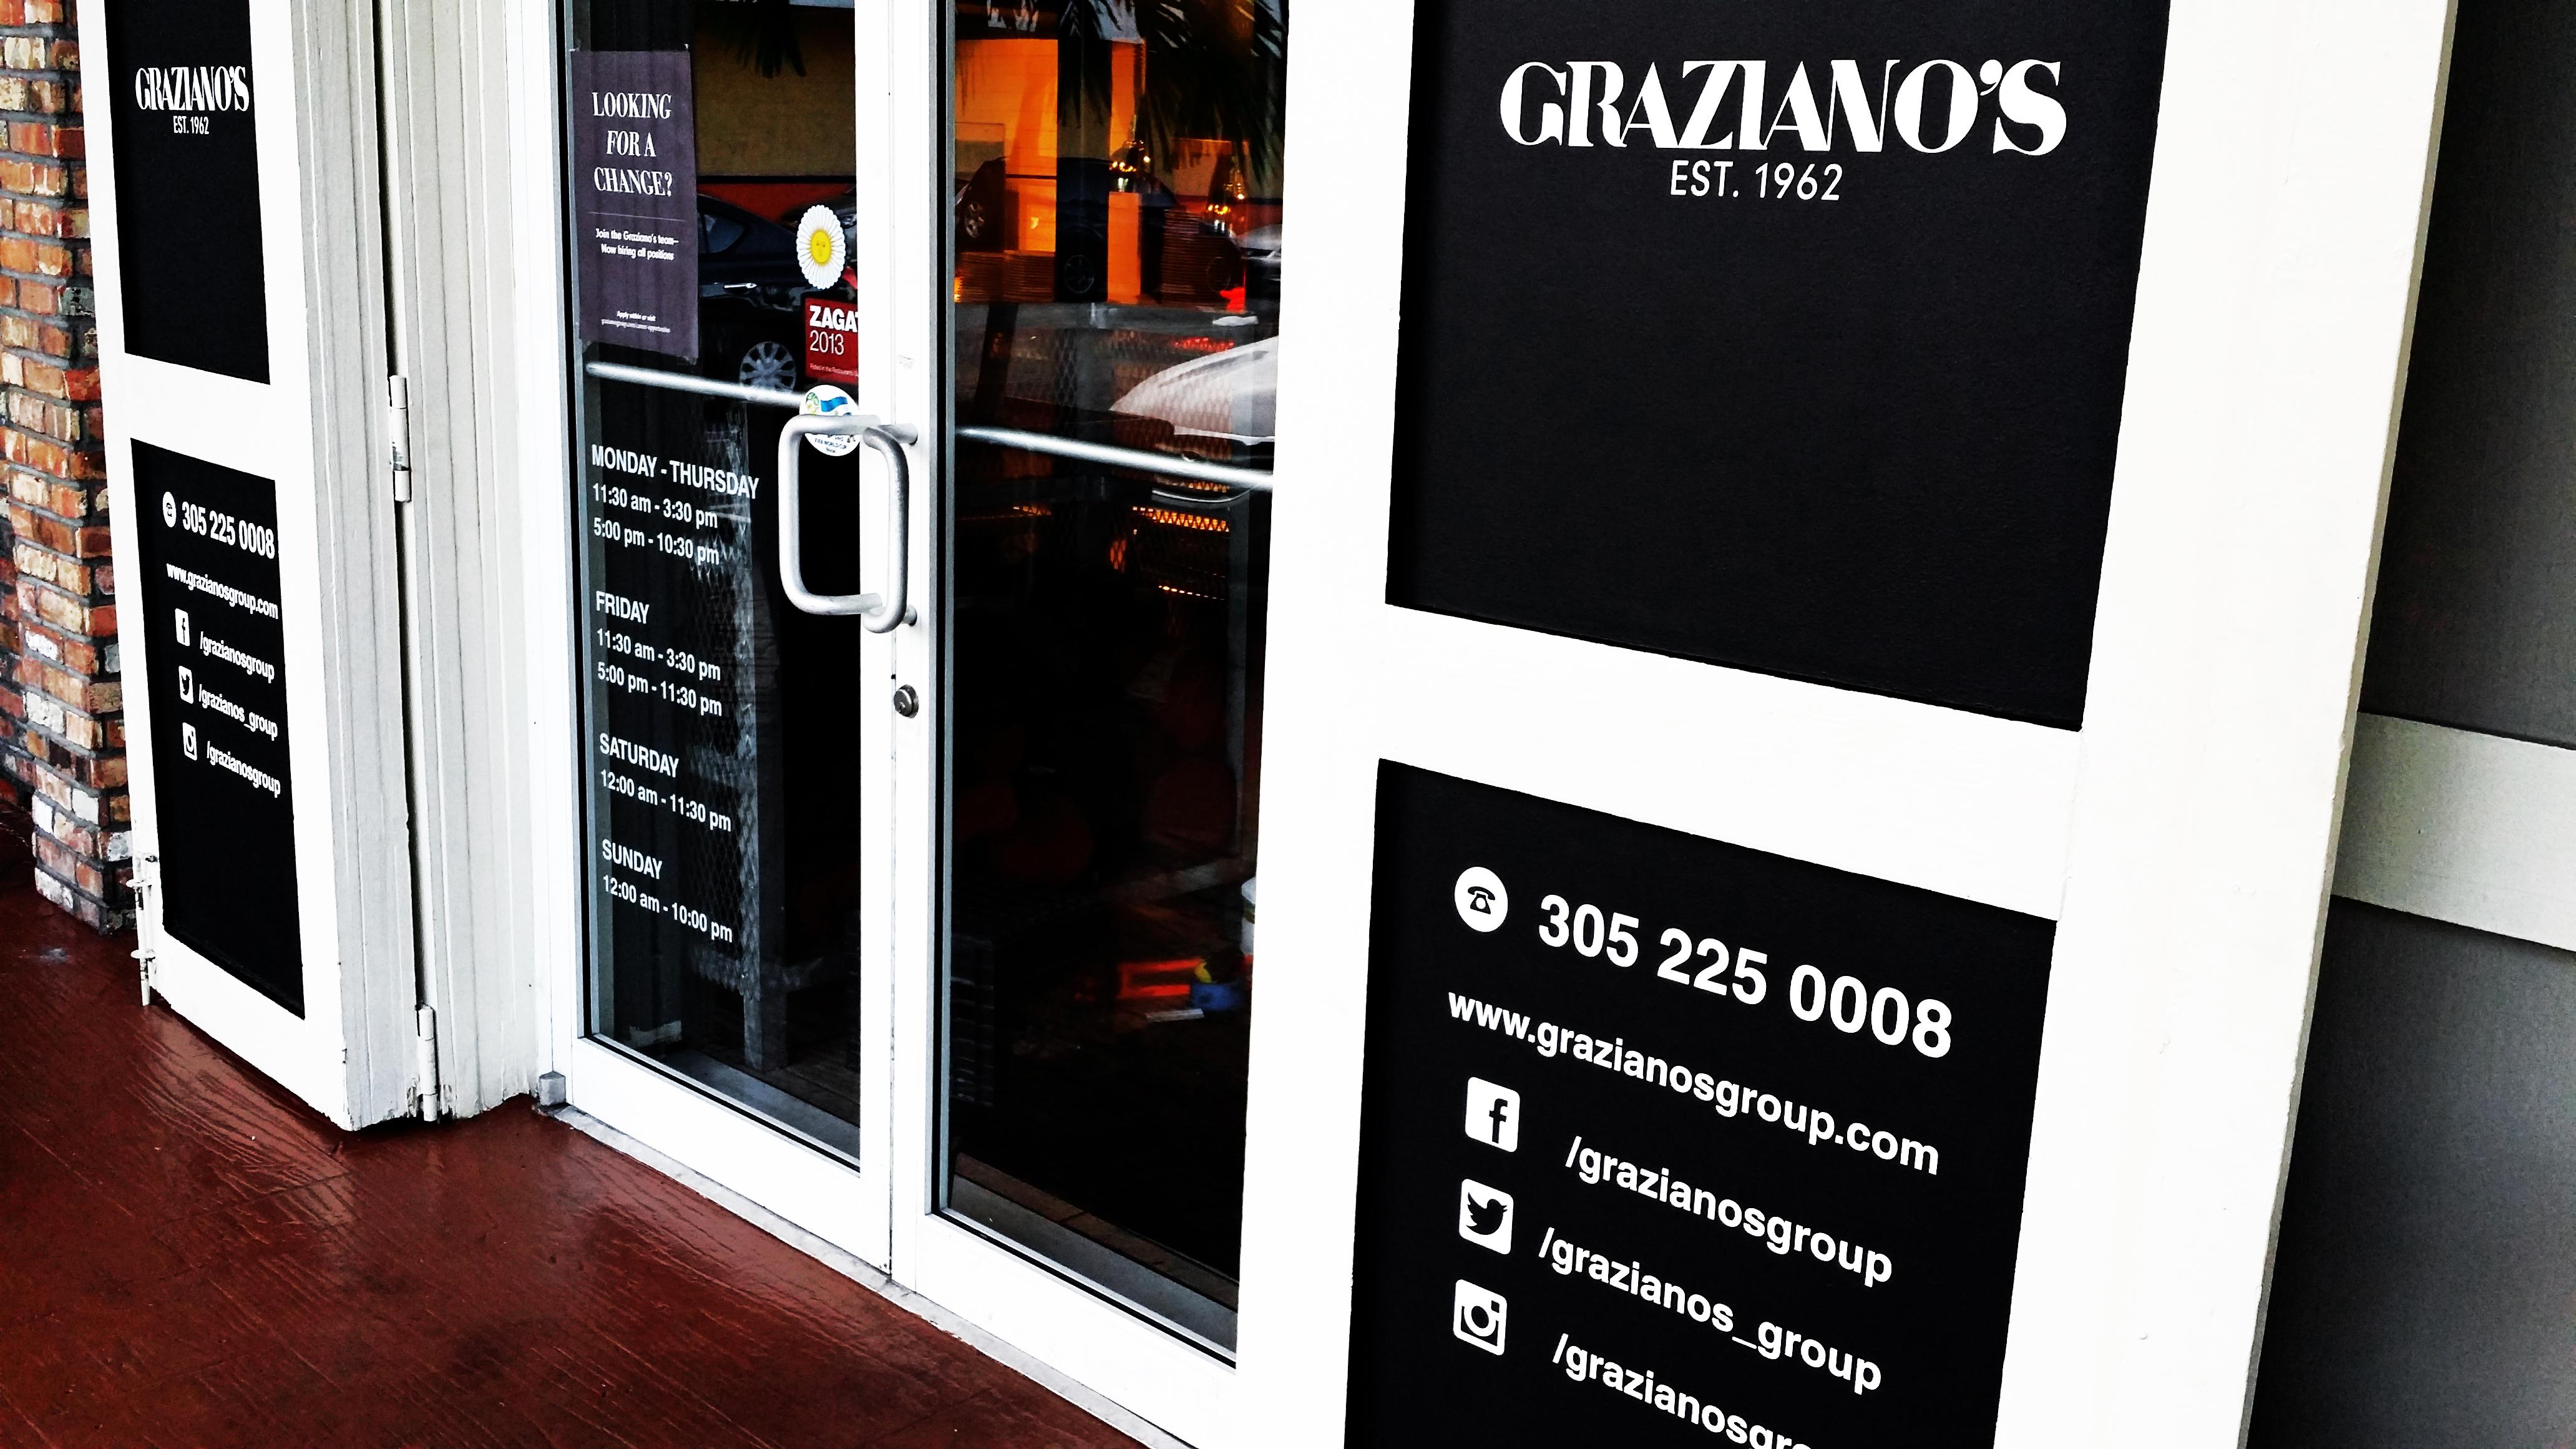 Graziano's Restaurant, Miami Fl